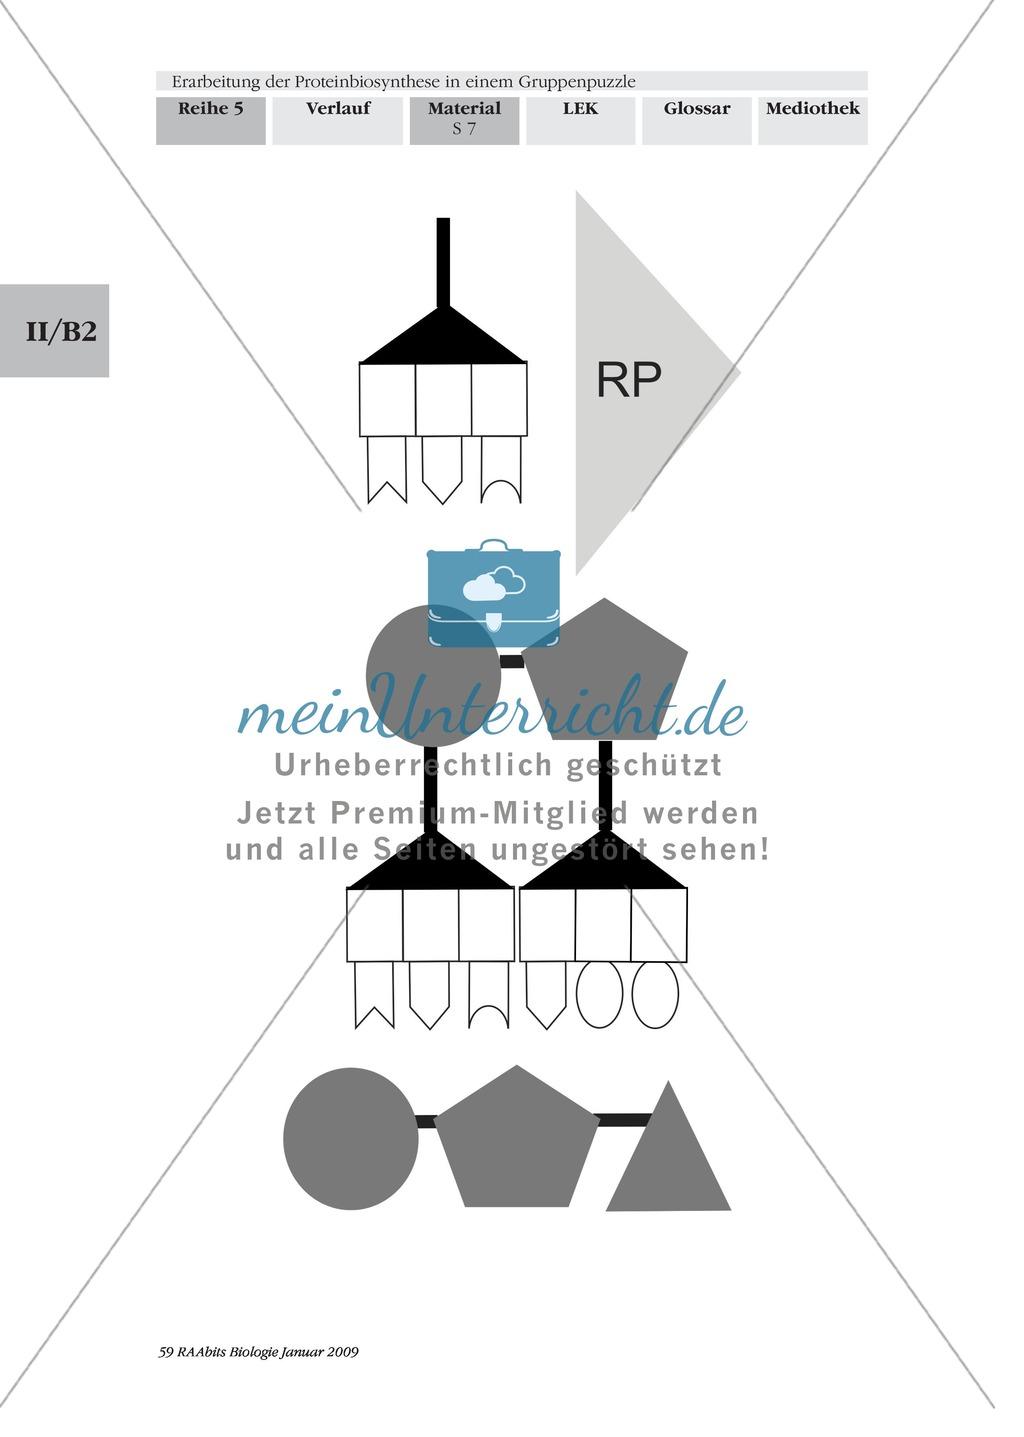 Einführung in die Proteinbiosynthese anhand eines Modells Preview 7